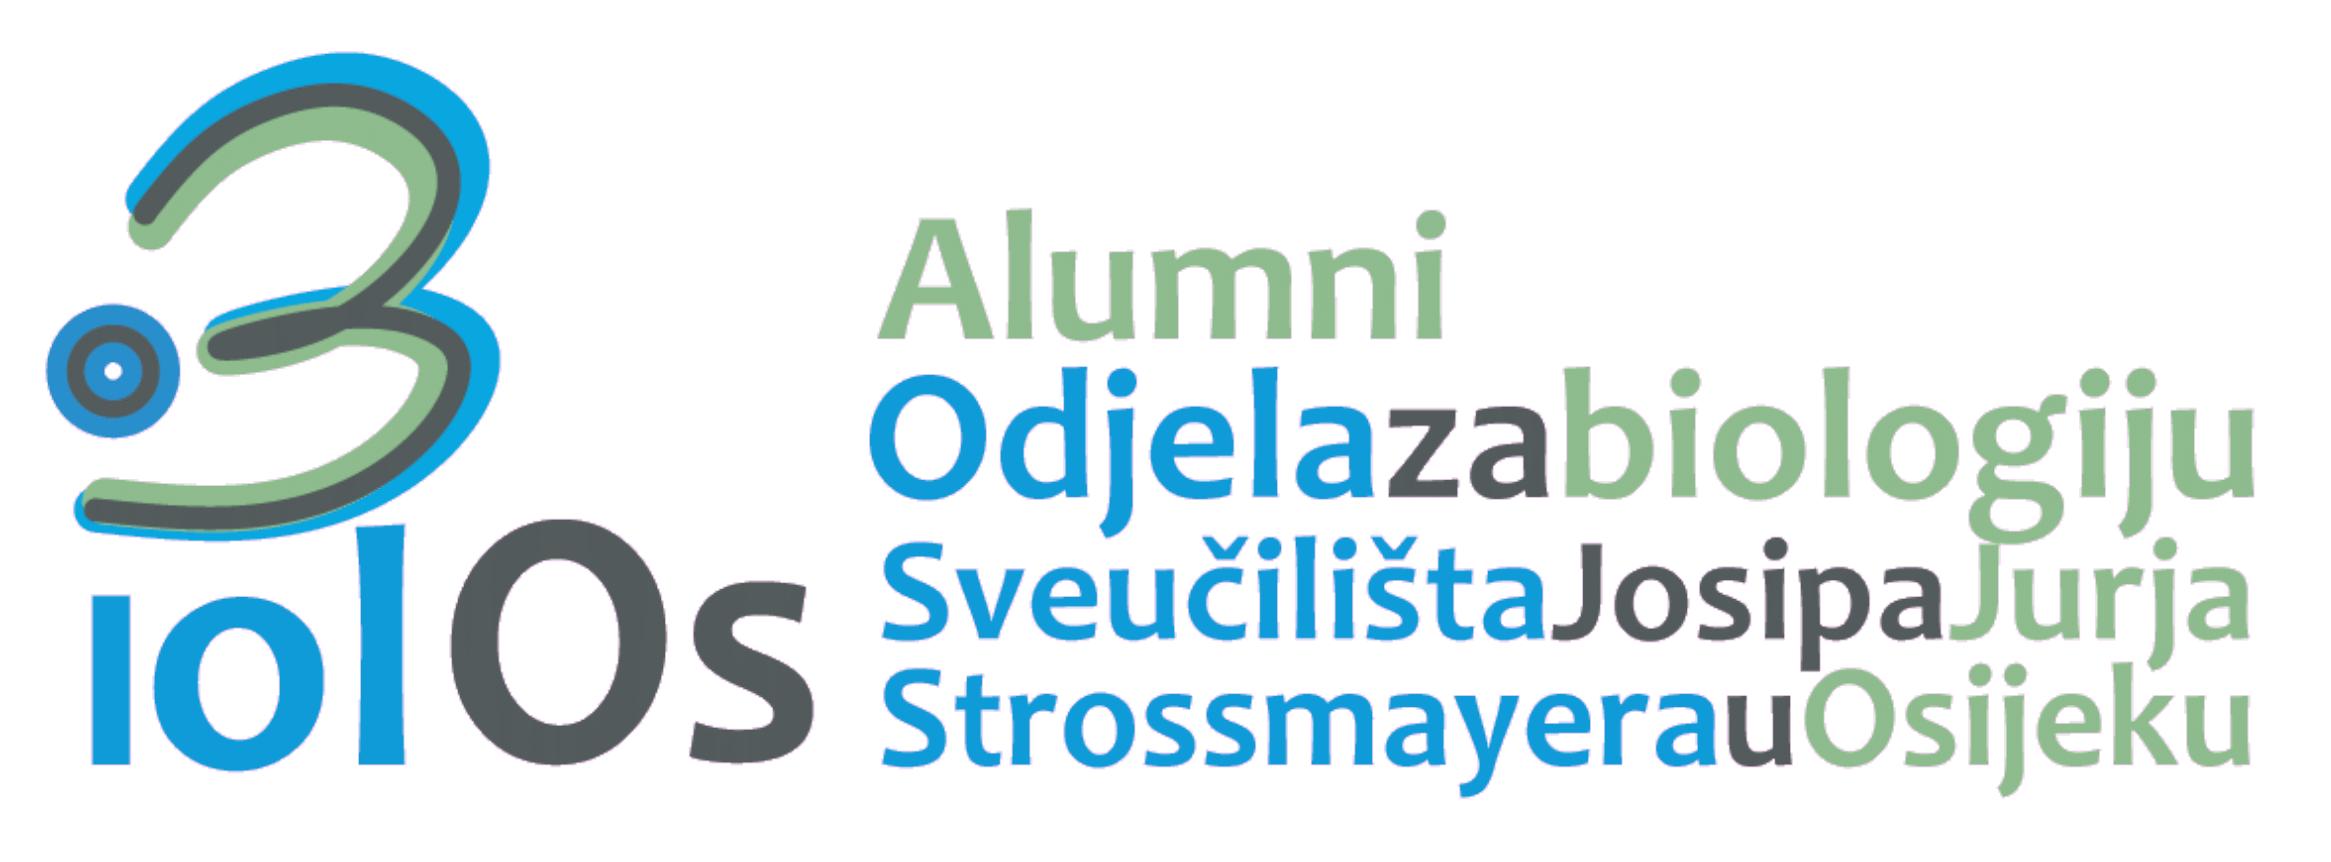 AlumniBiolOs